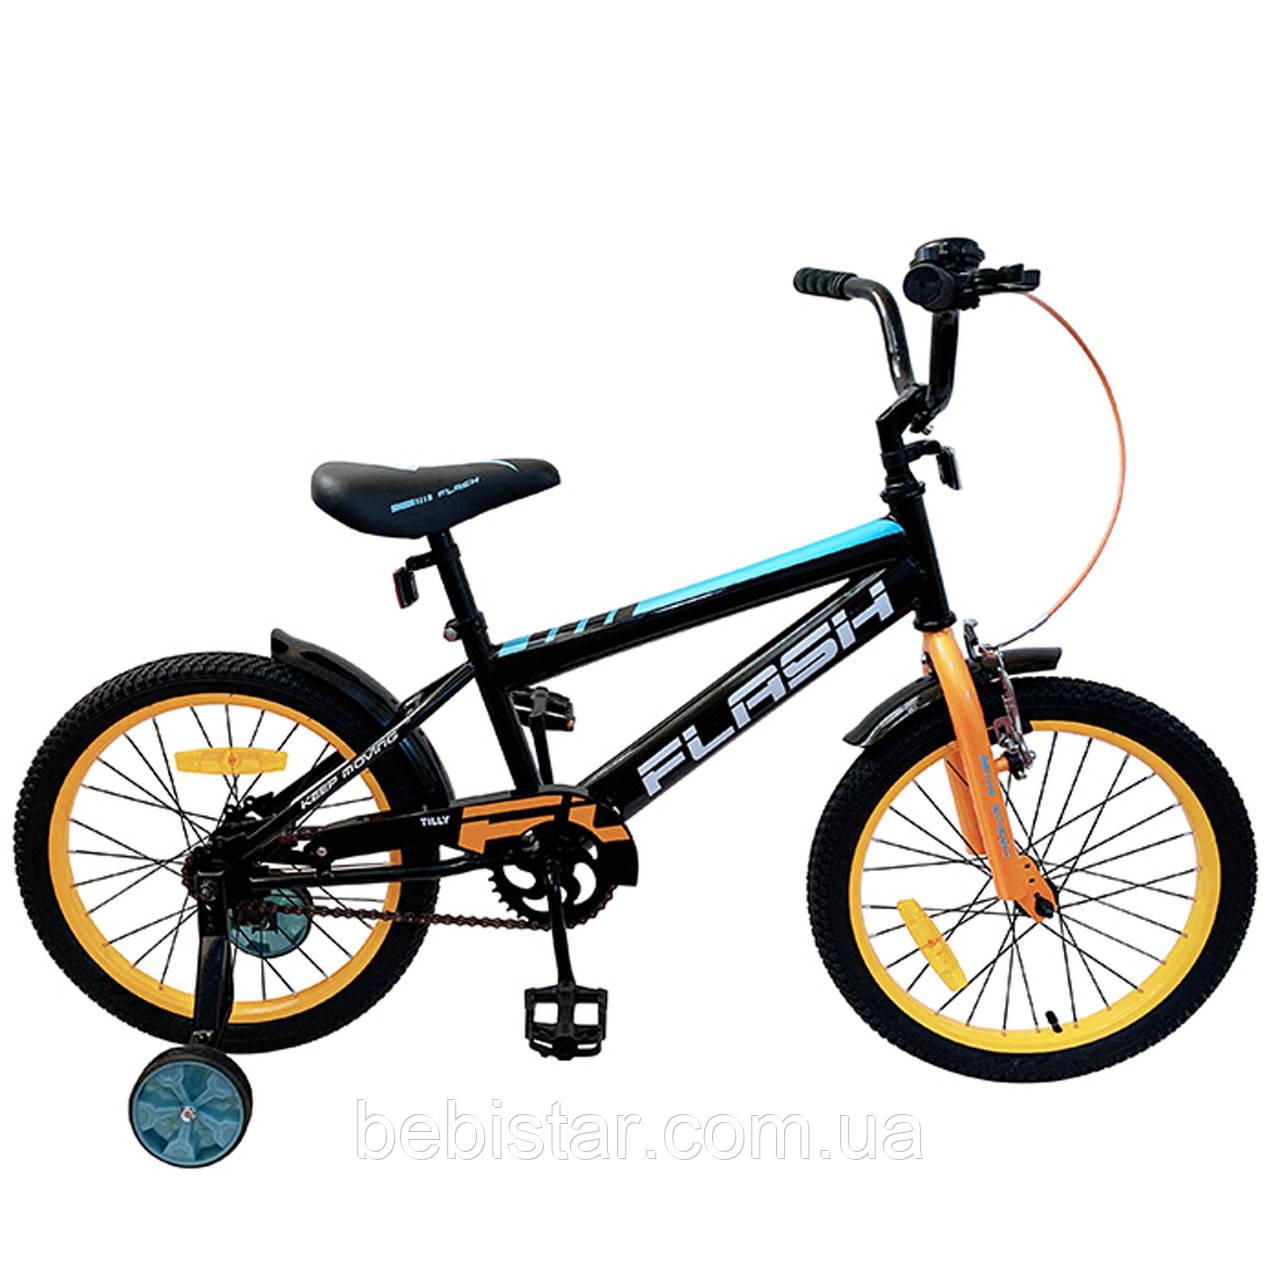 """Детский двухколесный велосипед черный TILLY FLASH 18"""" передний тормоз, звоночек для деток 5-7 лет"""